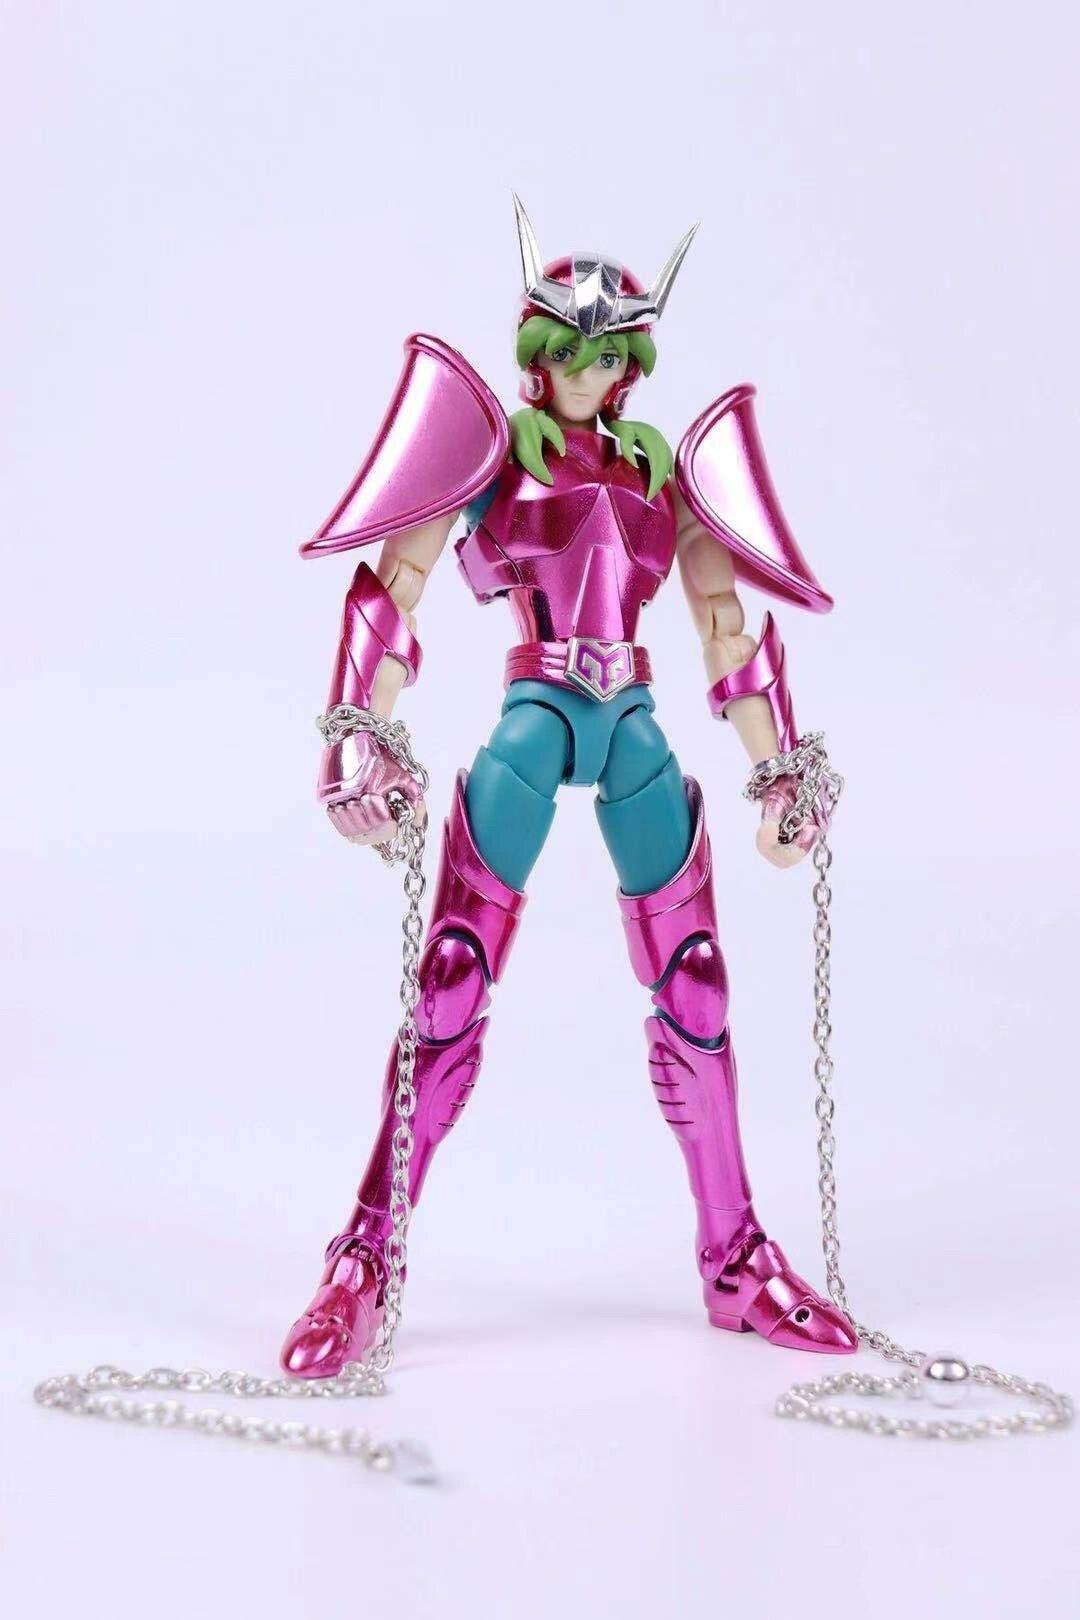 Em estoque grandes brinquedos gt modelo (boné de segurança) tv saint seiya shun pano mito ex bronze v1 capacete andromeda anime disponível 2020.01